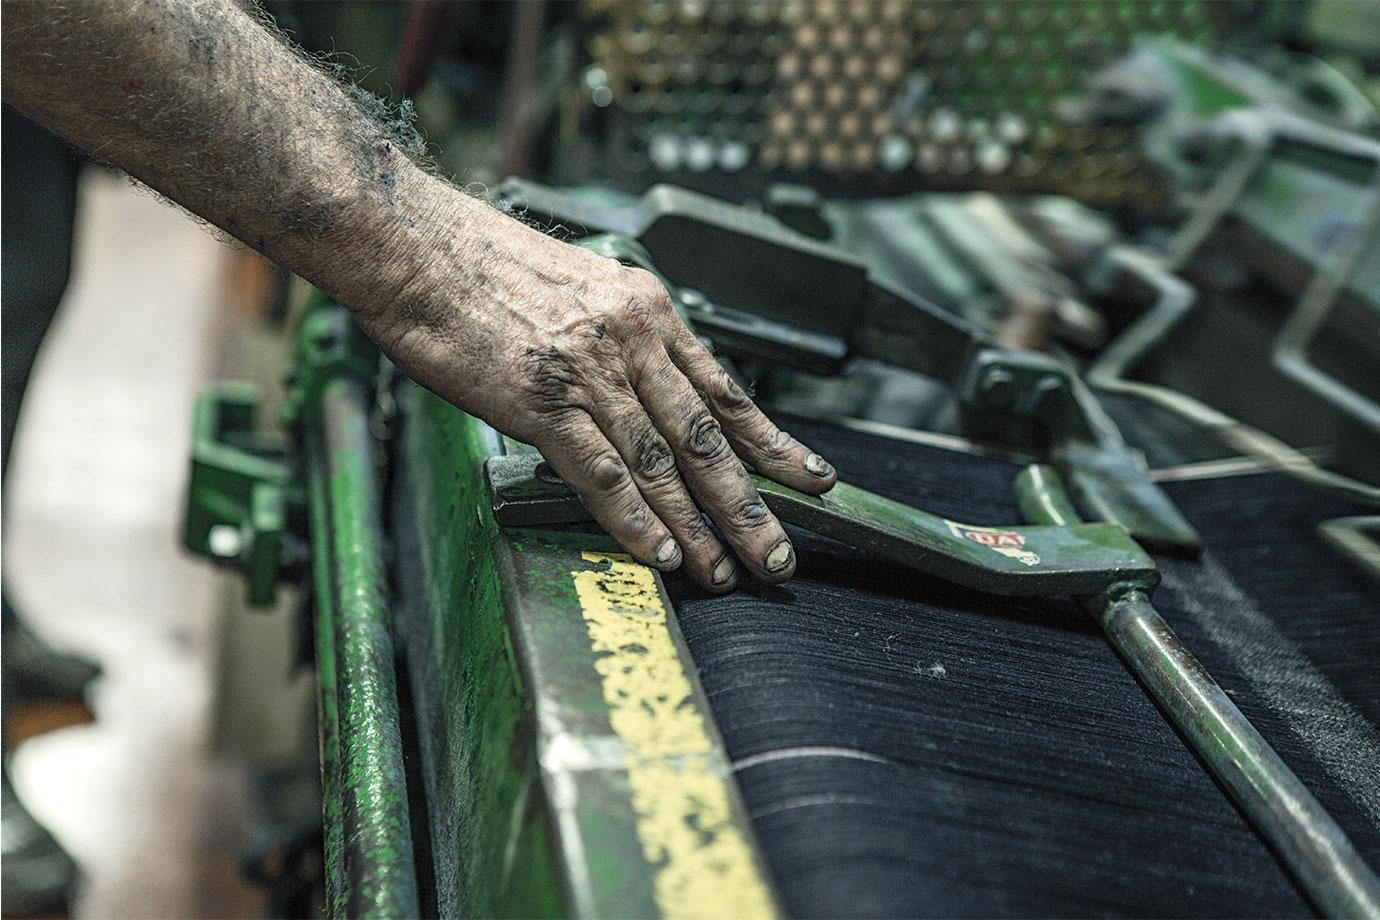 Смерть денима: что закрытие фабрики Коун-Миллс означает для понятия «Сделано в США» - 3